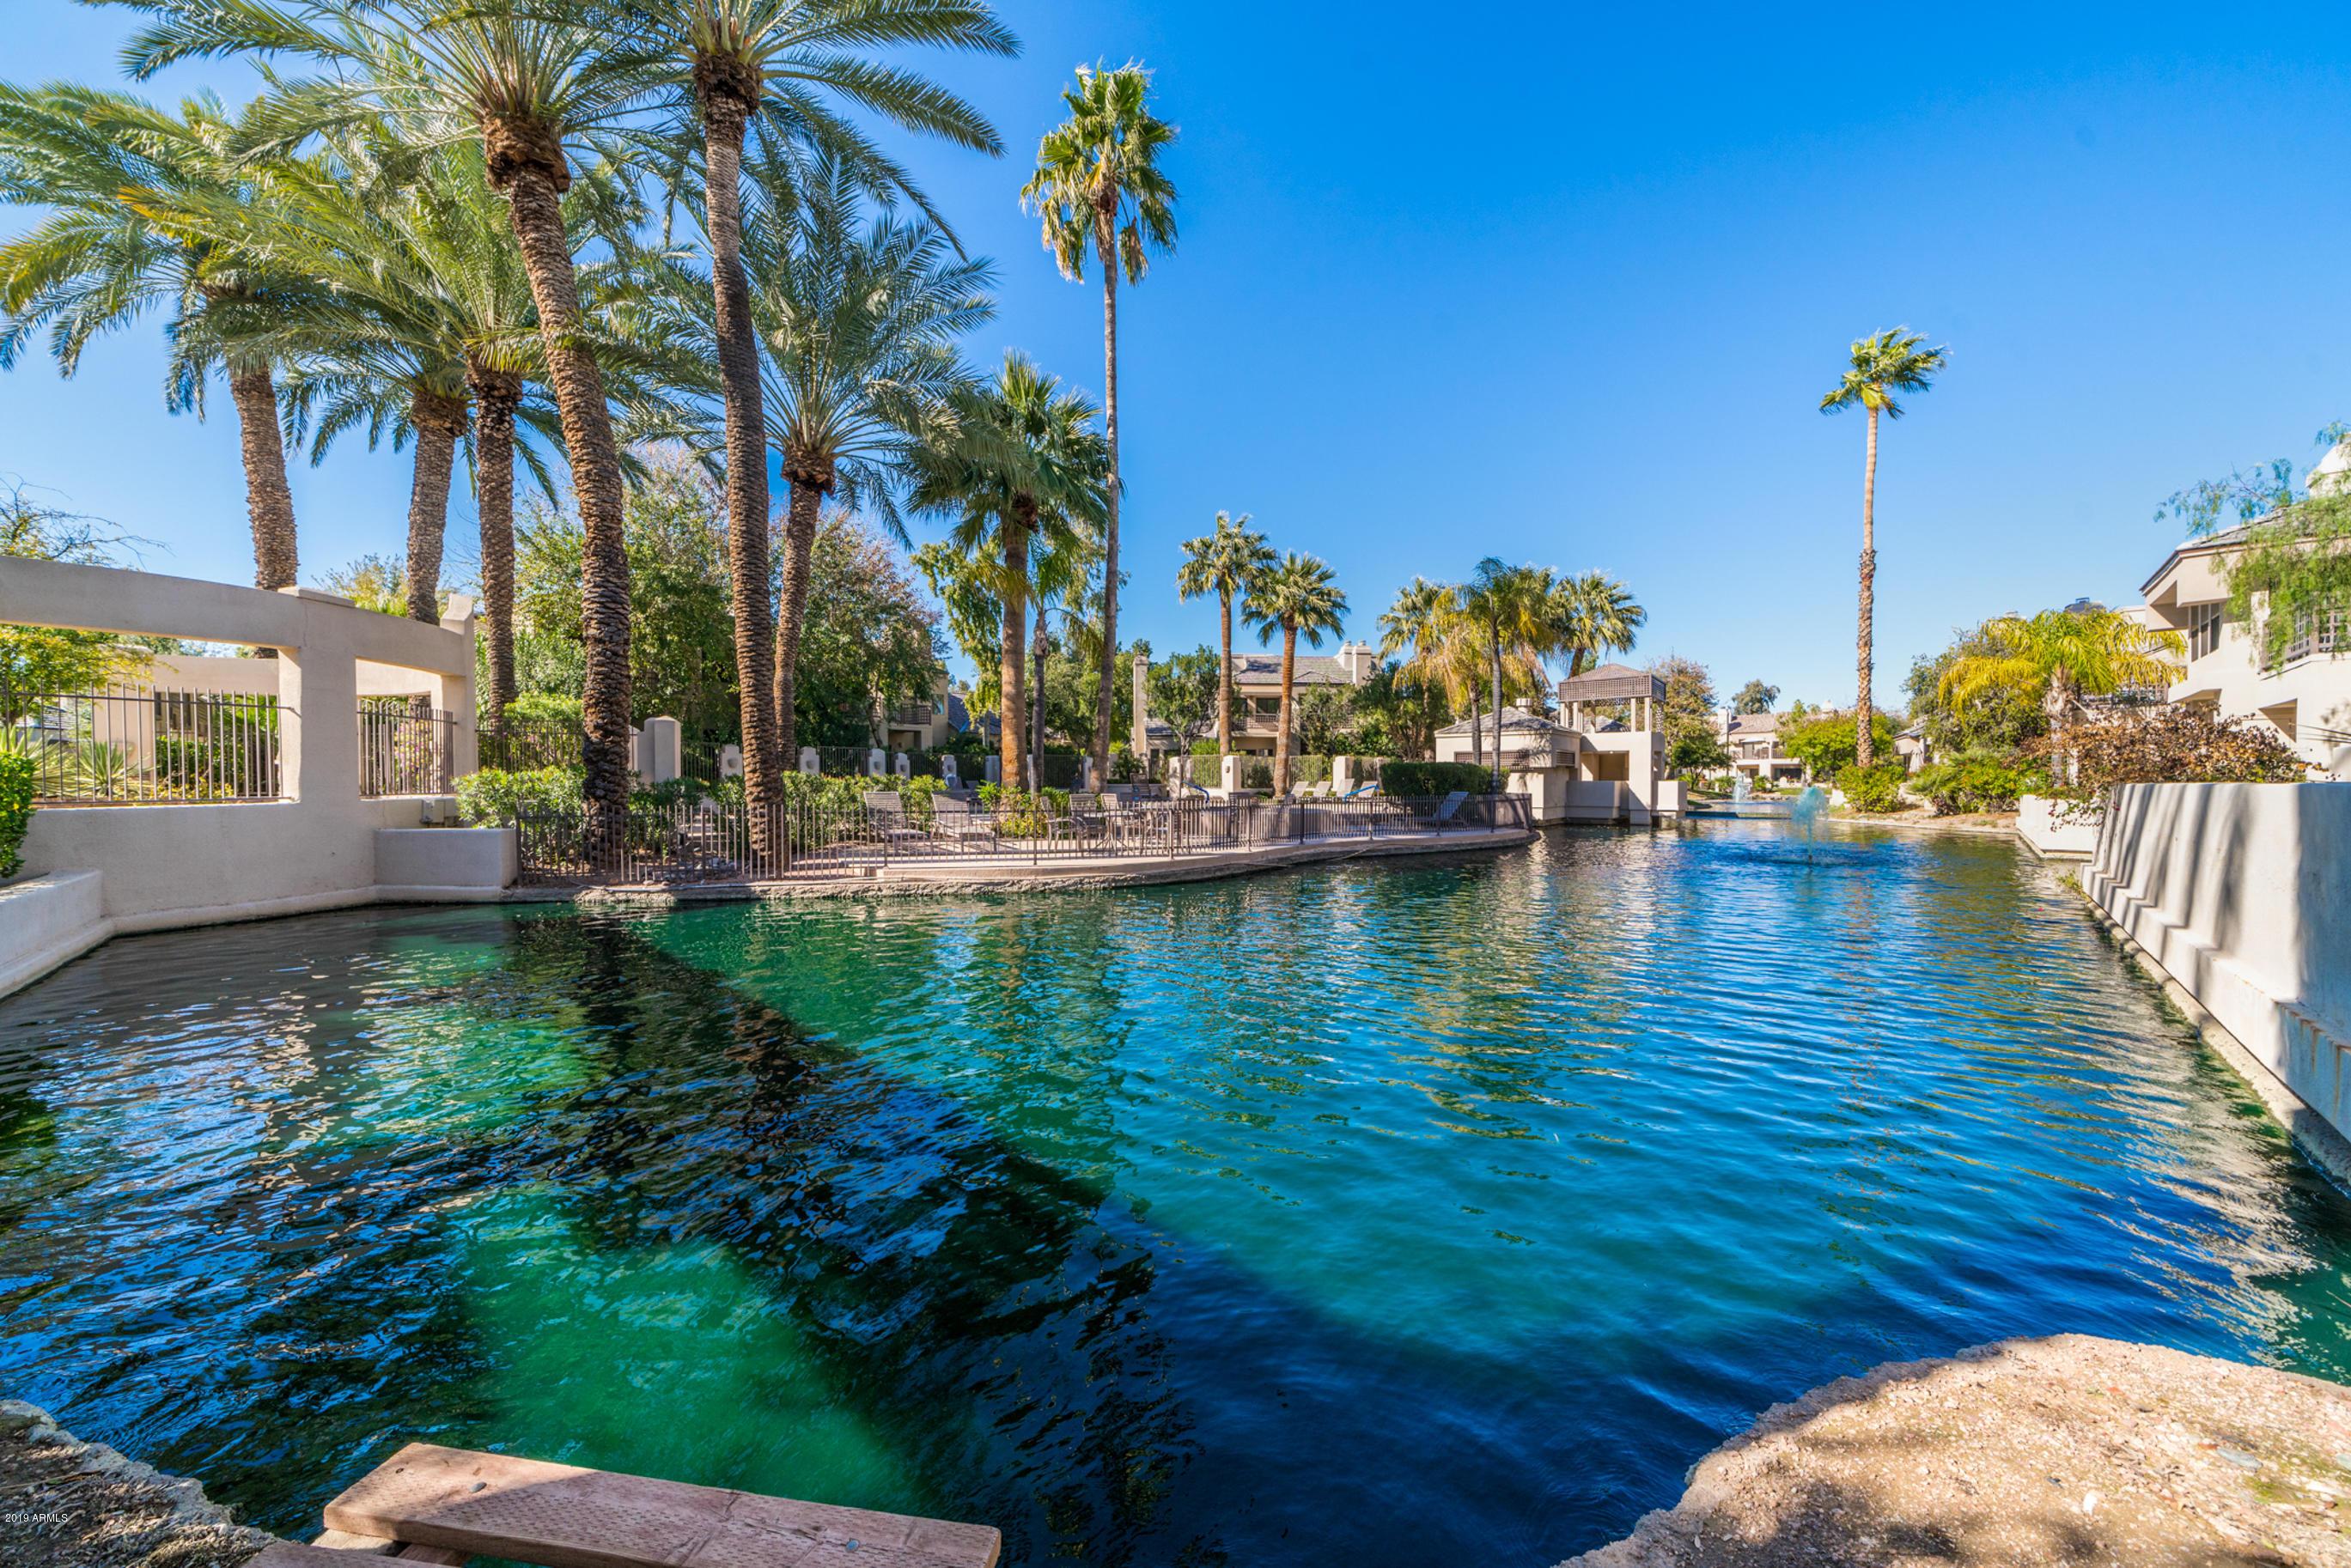 MLS 5880171 7272 E GAINEY RANCH Road Unit 118, Scottsdale, AZ 85258 Scottsdale AZ Gainey Ranch